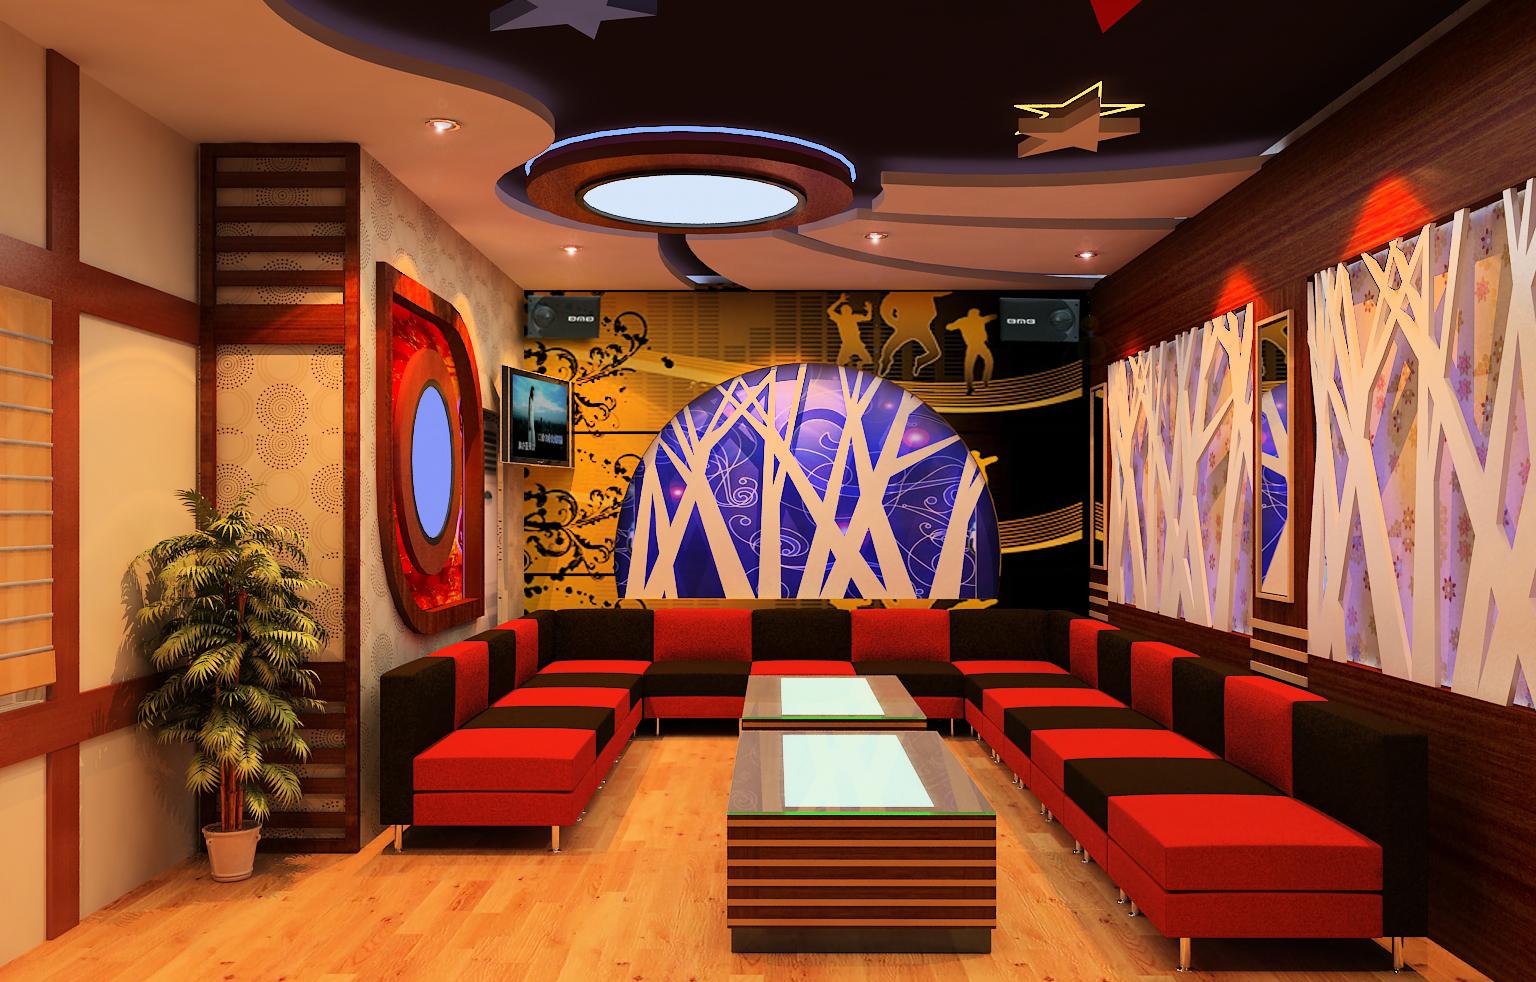 Đá-xuyên-sáng-làm-quán-karaoke 2